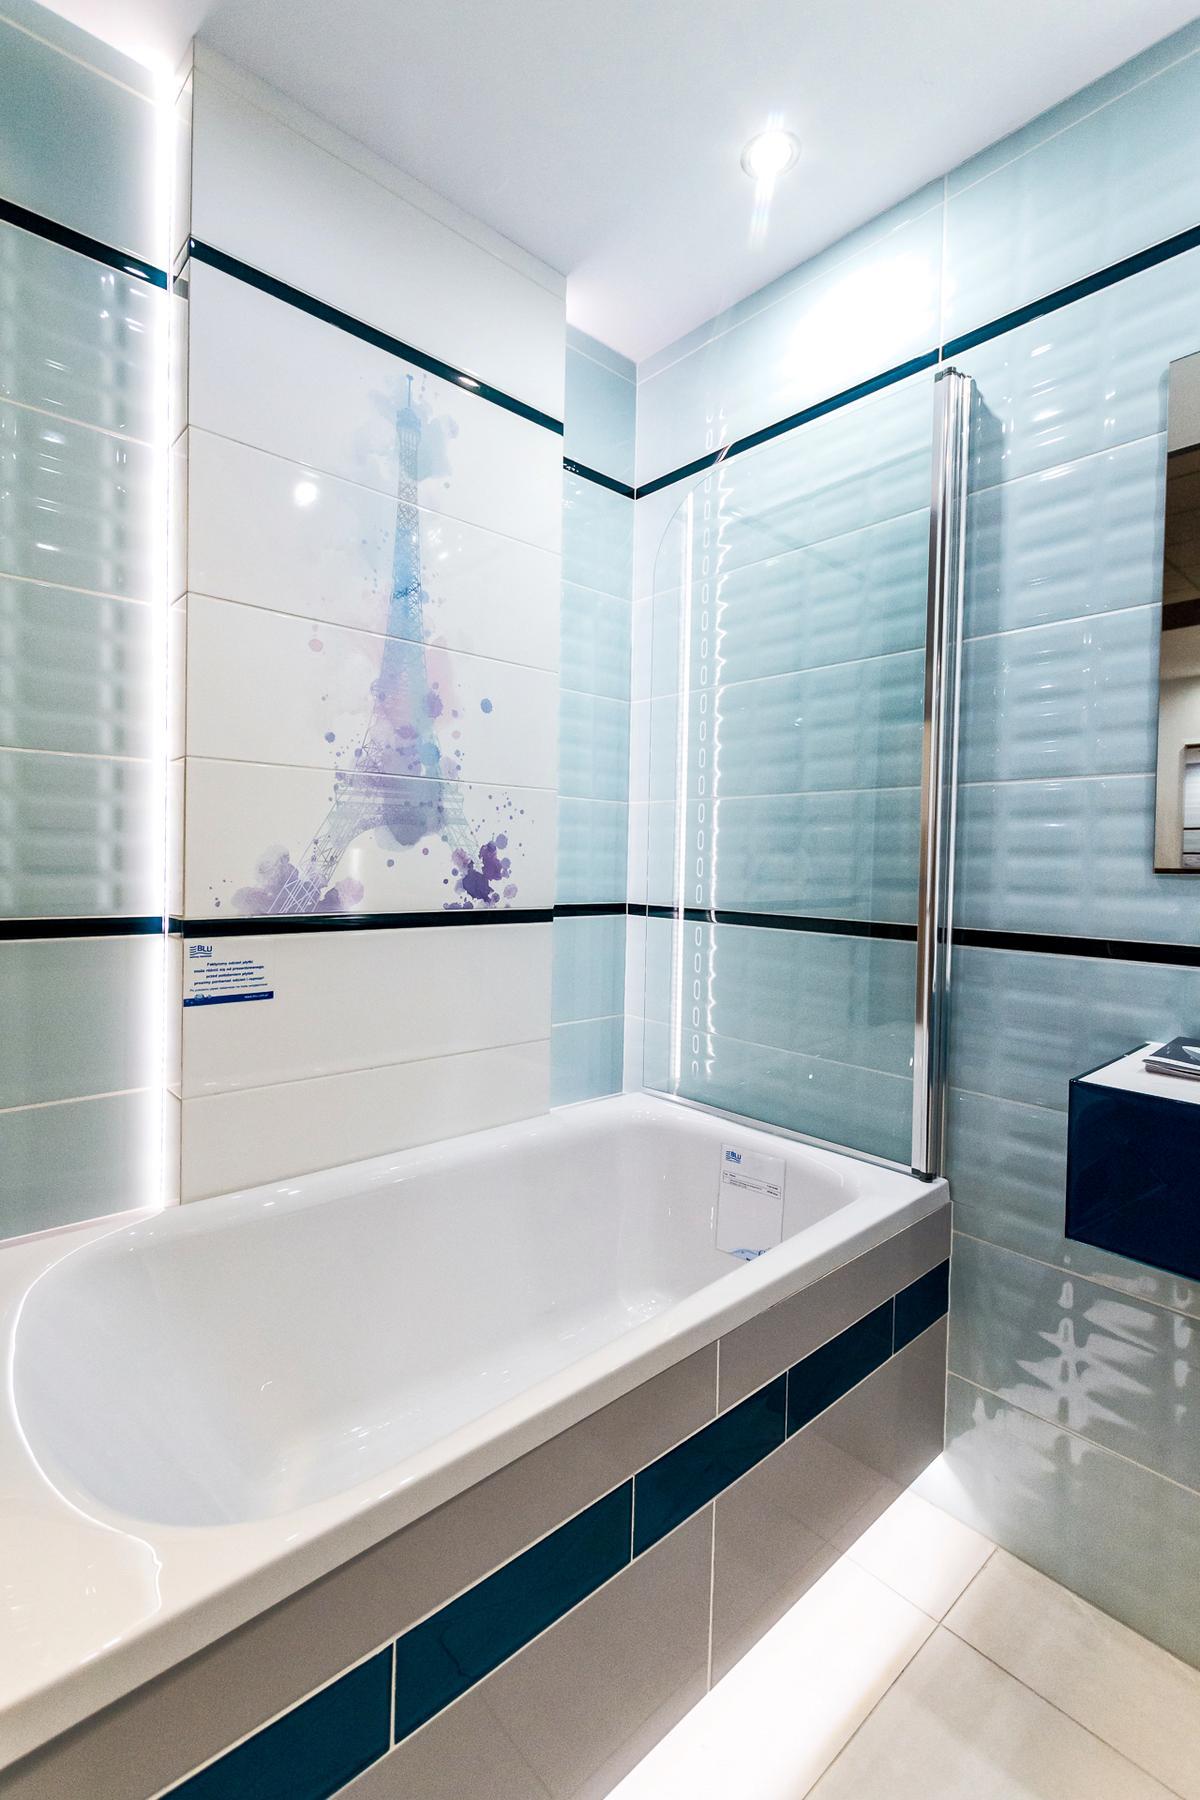 Paryż w Łazience - Opoczno Parisen - zdjęcie od BLU salon łazienek Łódź